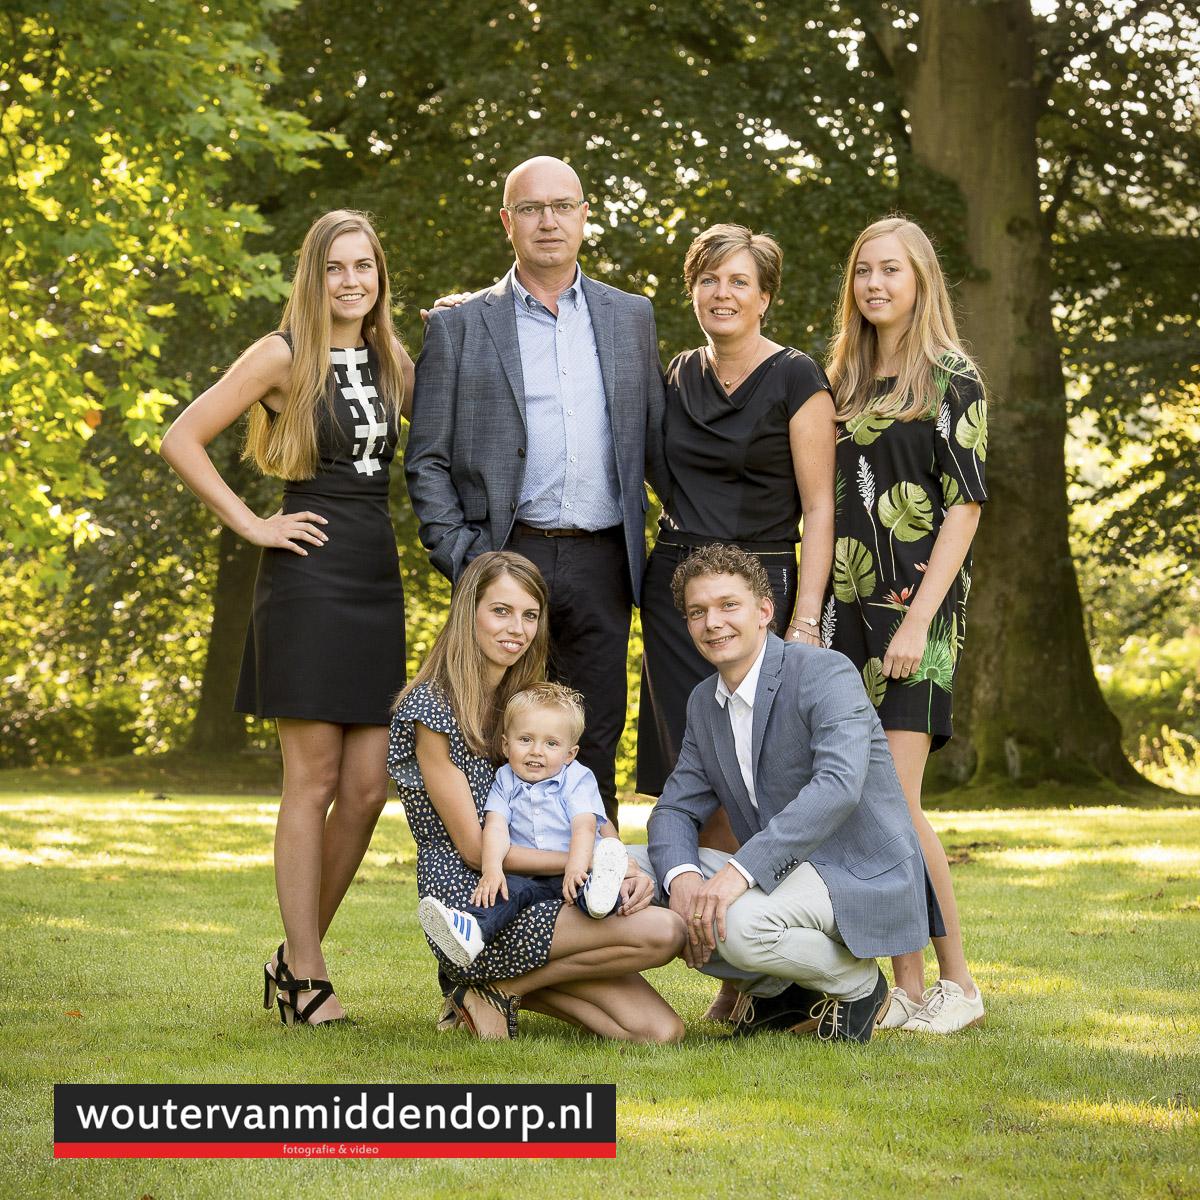 fotografie, Wouter van Middendorp, omgeving Staverden, Uddel, Veluwe, Nunspeet, Putten (3)